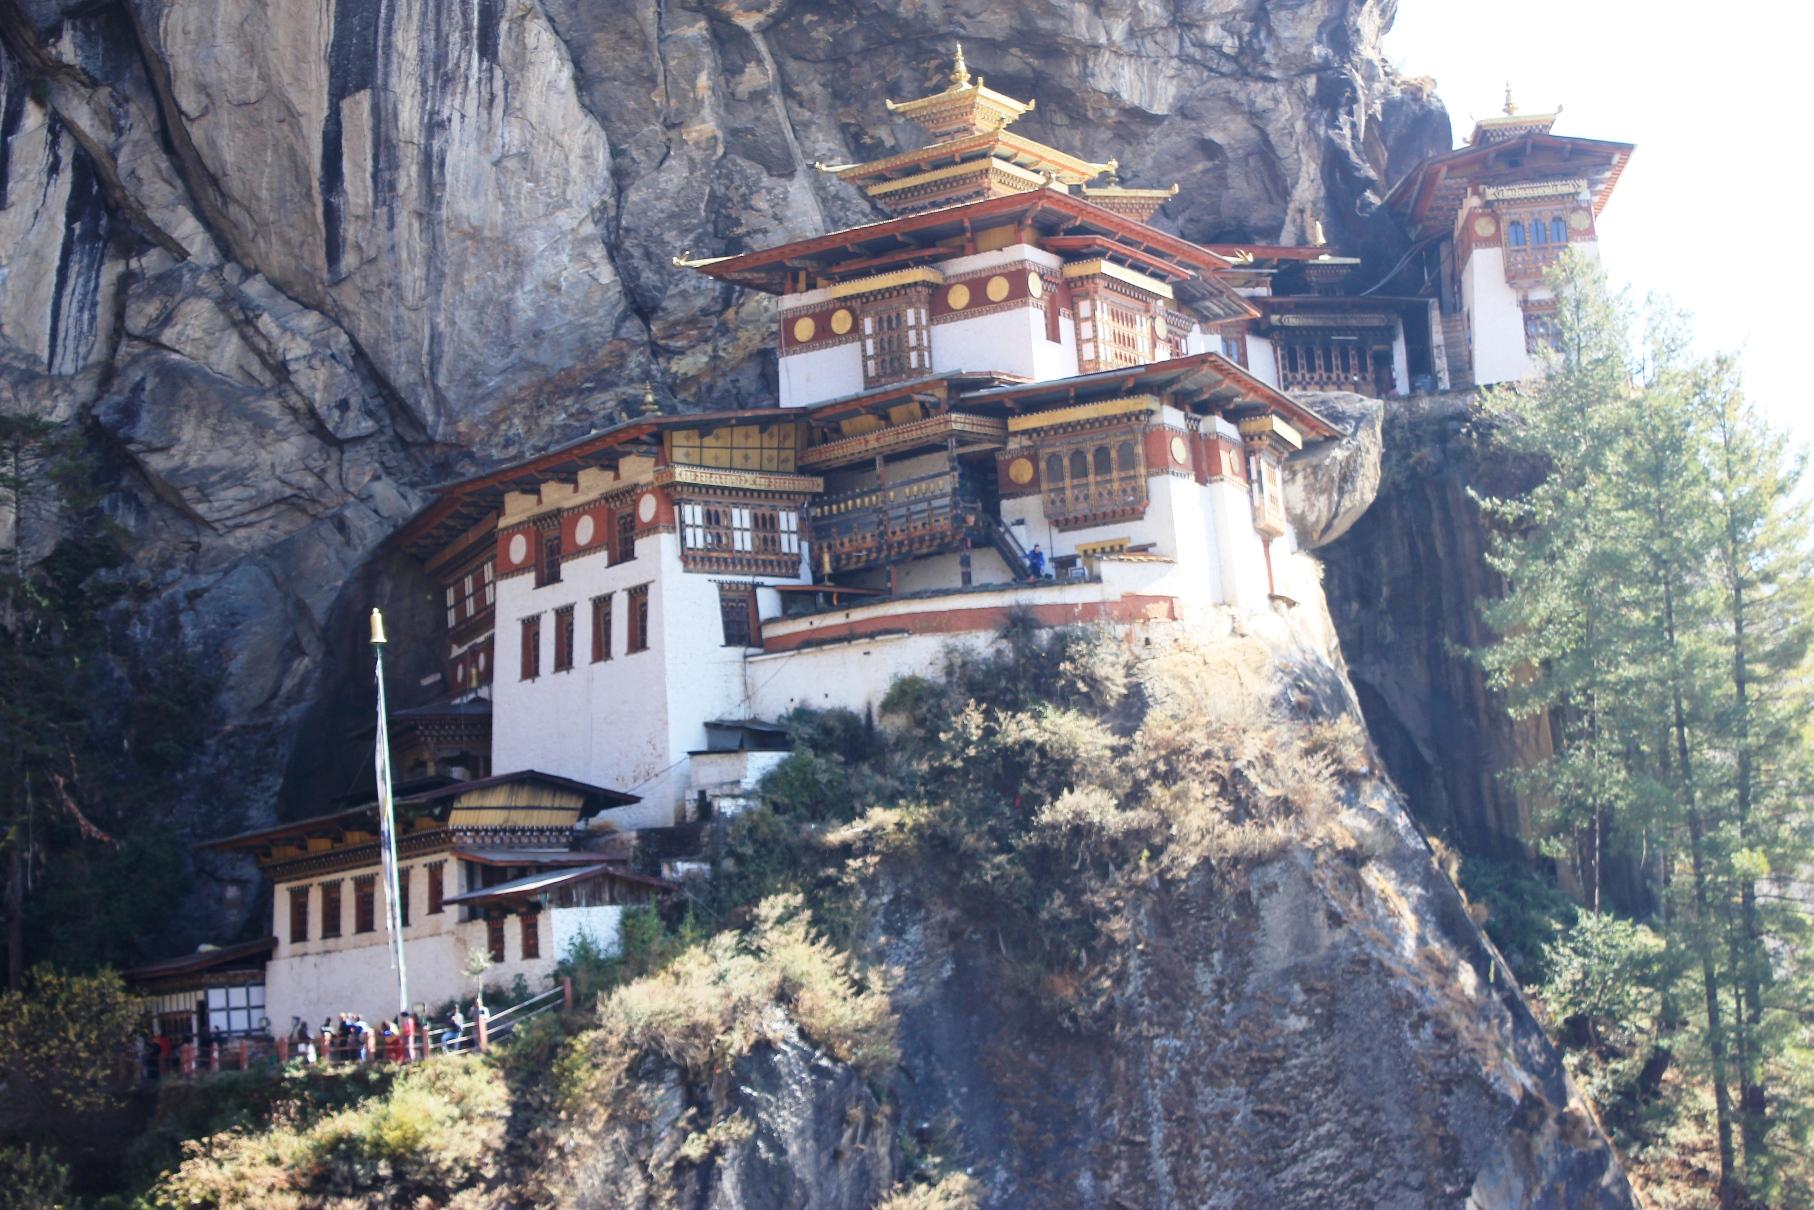 11月18日出発「ブータン・ヒマラヤ・ハイキングとブムタン探訪、ブータンの文化に触れる旅 10日間」